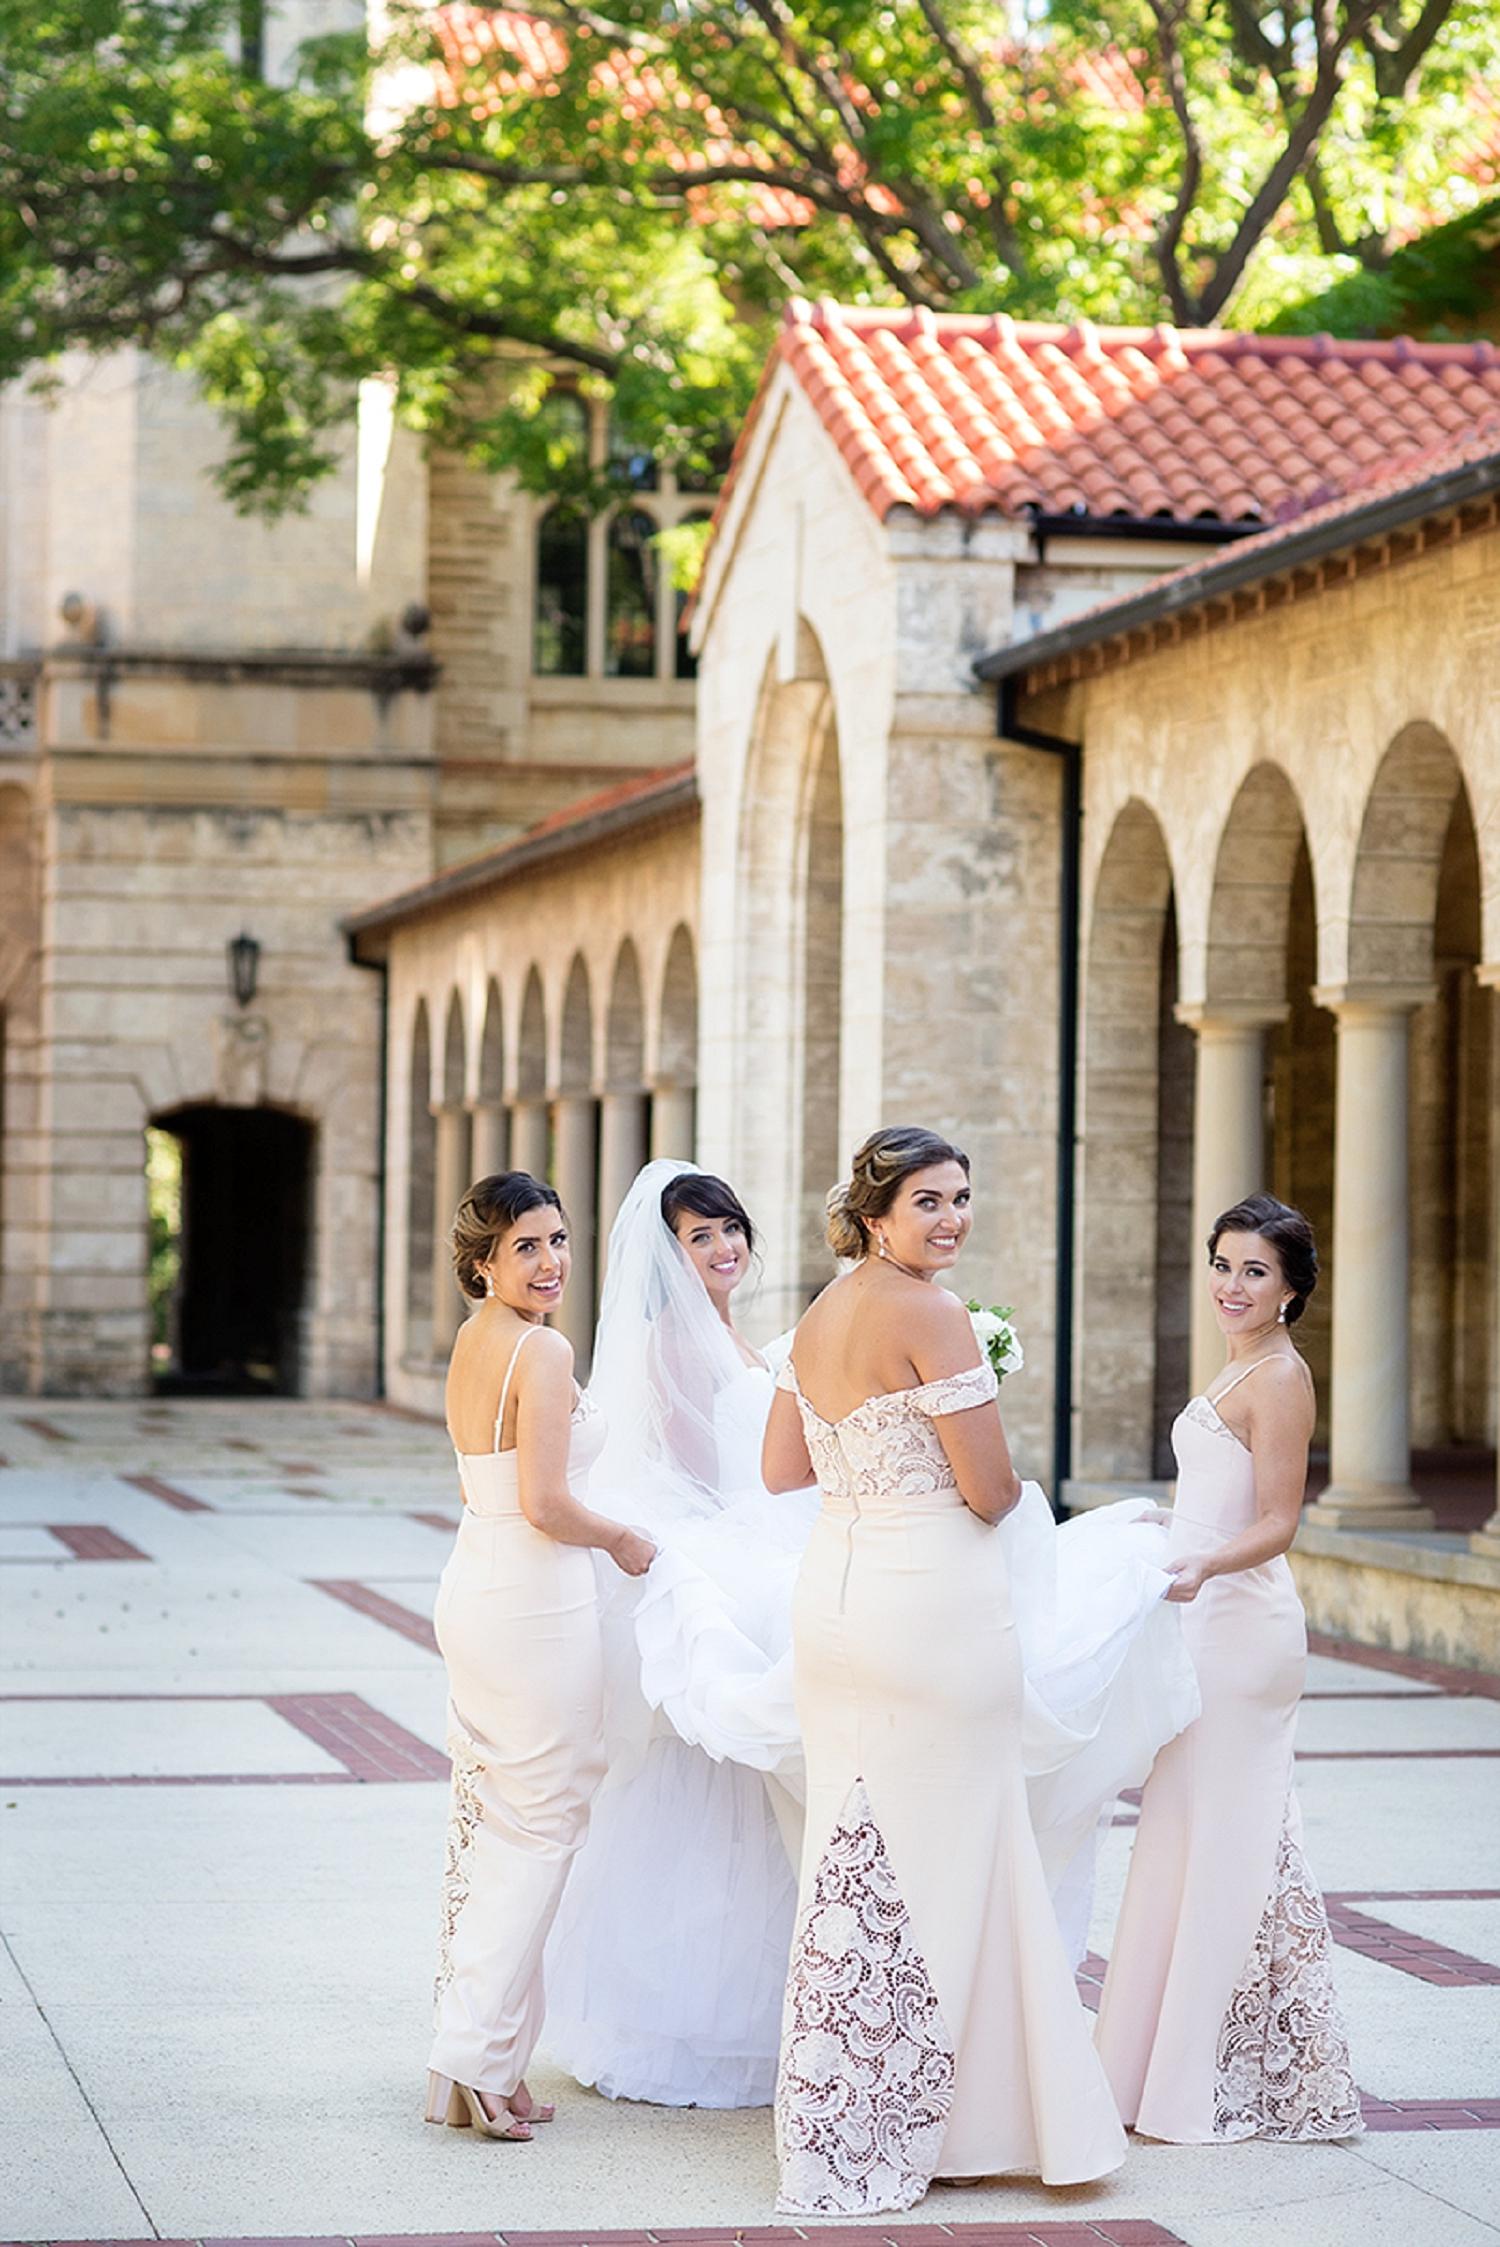 43_bridesmaids at uwa wedding perth.jpg